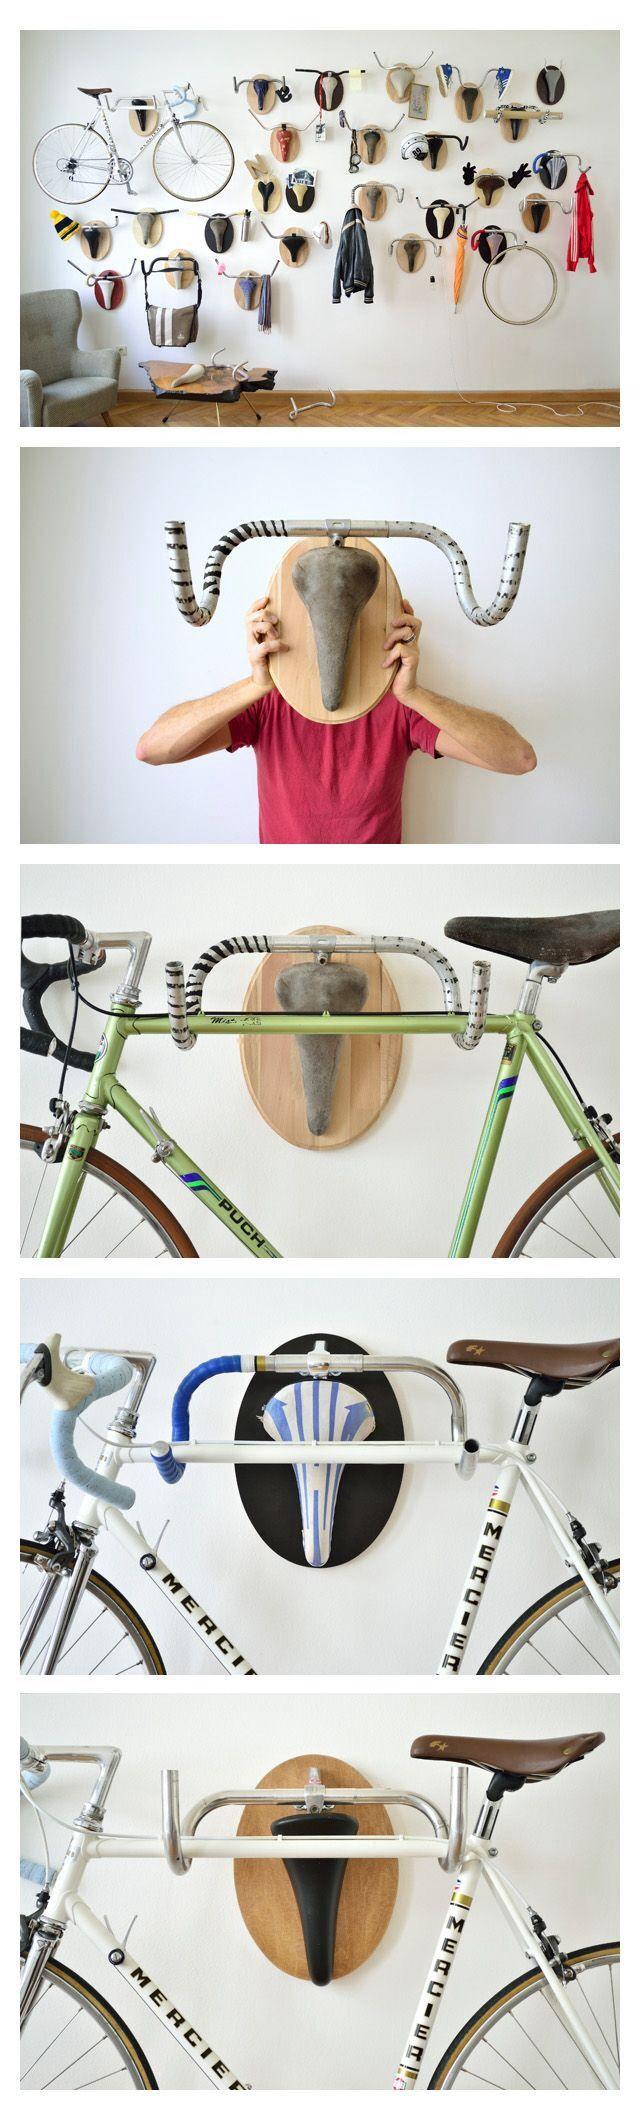 Einfach mal das Fahrrad an die Wand hängen und die Wohnung aufwerten.